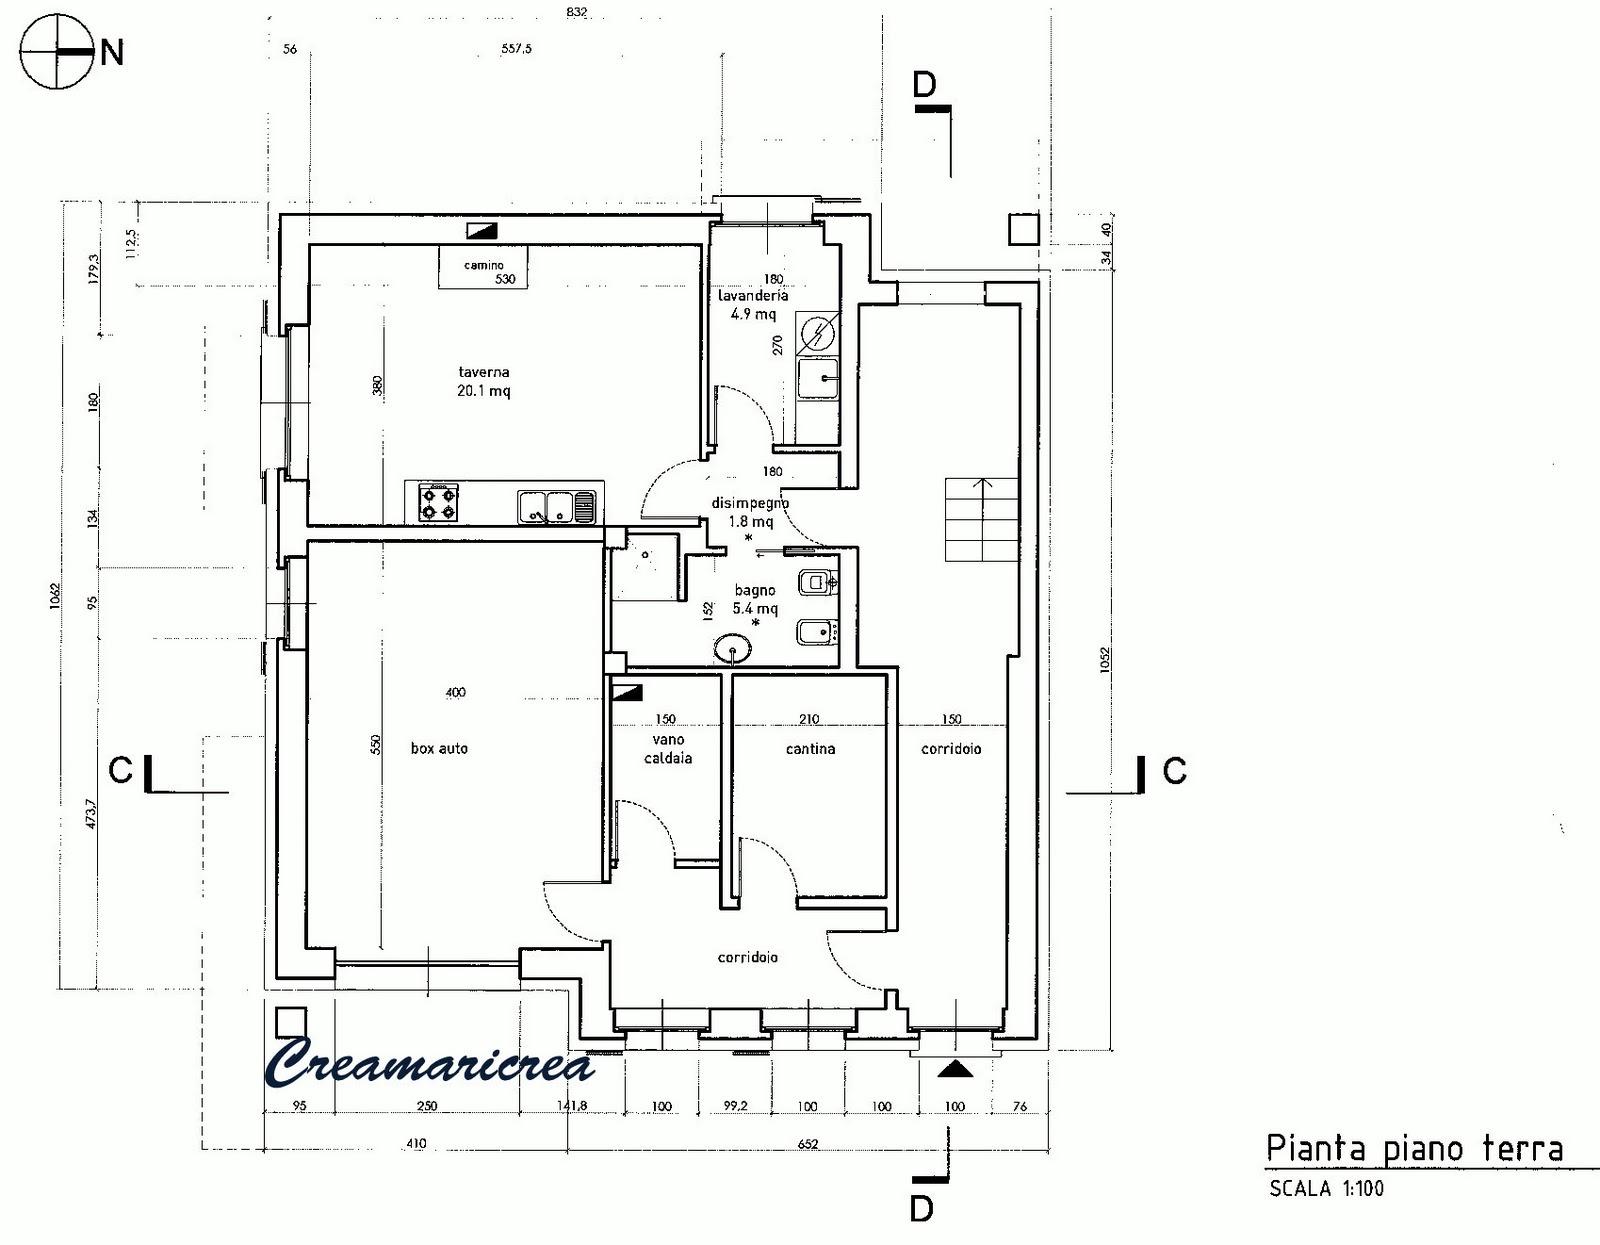 Creamaricrea la mia casa progetto le planimetrie for 1 piano garage con abitazione